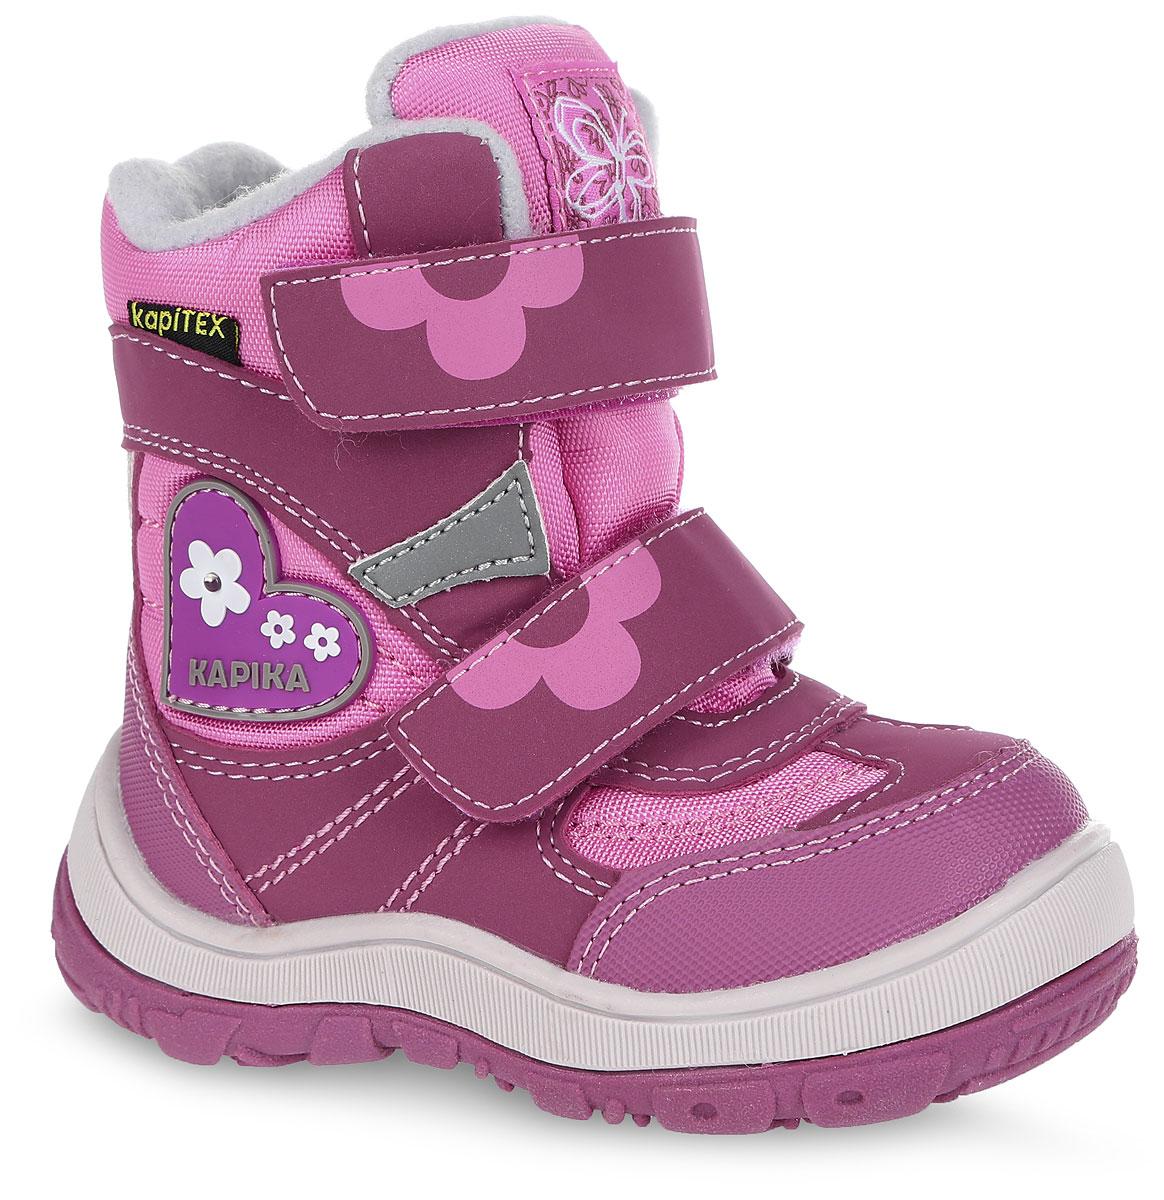 Ботинки для девочки. 41138-141138-1Удобные высокие ботинки от Kapika придутся по душе вашей дочурке! Модель изготовлена из искусственной кожи и плотного текстиля с применением мембраны. Мембранная обувь называется дышащей, защищает от влаги, своевременно отводит естественные испарения тела и сохраняет комфортный микроклимат при ношении. Изделие оформлено прострочкой, на язычке - оригинальной нашивкой, на тыльной стороне - аппликацией из ПВХ в виде сердечка с цветами и названием бренда, один из цветков дополнен огоньком, мигающим при ходьбе. Два ремешка на застежках-липучках надежно фиксируют изделие на ноге. Мягкая подкладка и стелька исполненные из искусственного меха, на 80% состоящего из натуральной овечьей шерсти, обеспечивают тепло и надежно защищают от холода. Рифление на подошве гарантирует идеальное сцепление с любыми поверхностями. Стильные ботинки займут достойное место в гардеробе вашего ребенка, они идеально подойдут для теплой зимы, а также поздней осени и ранней весны.